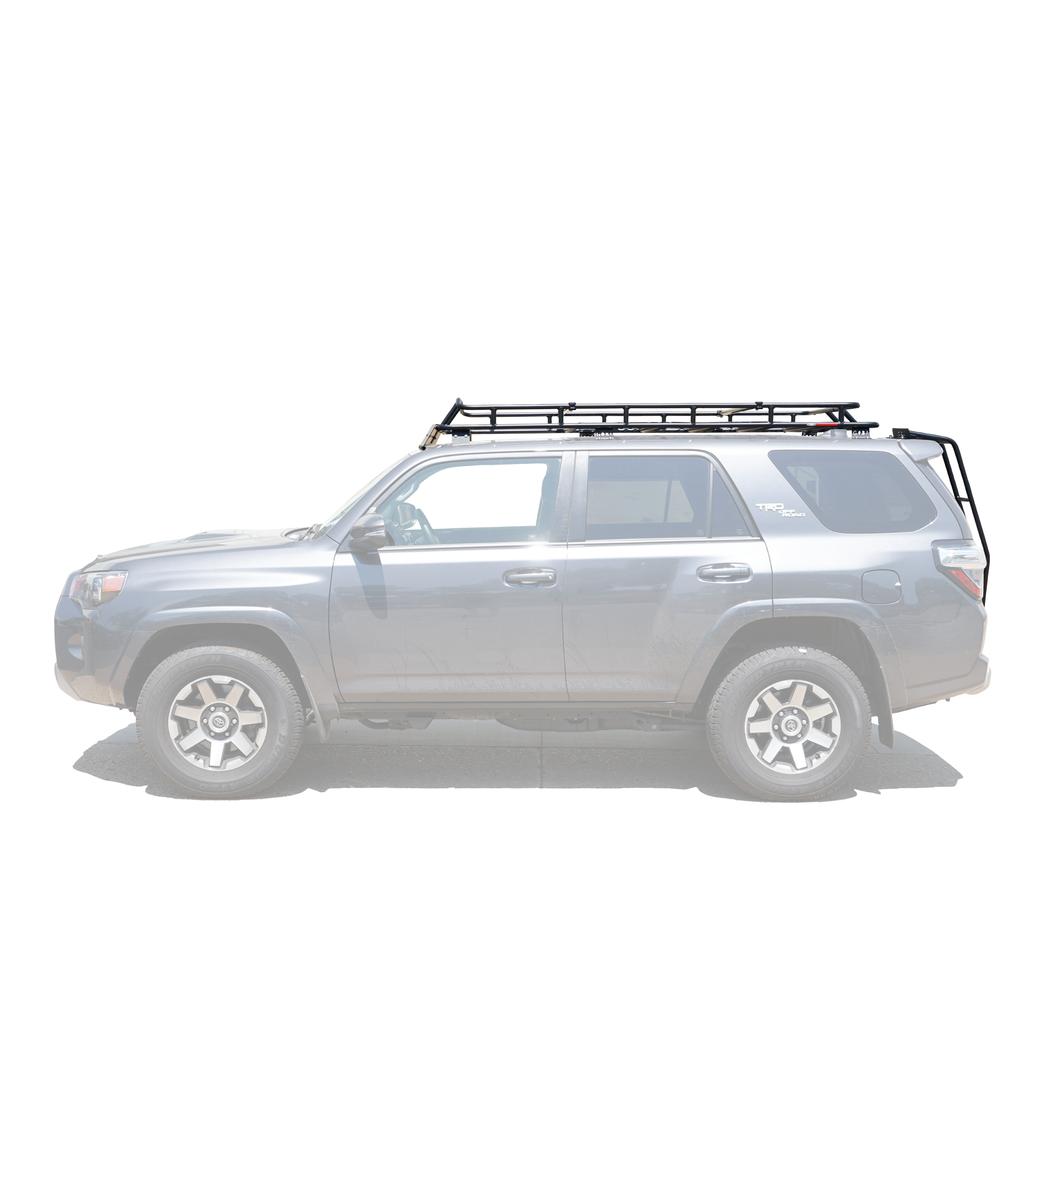 Toyota 4runner 5th Generation Ranger Rack Gobi Racks